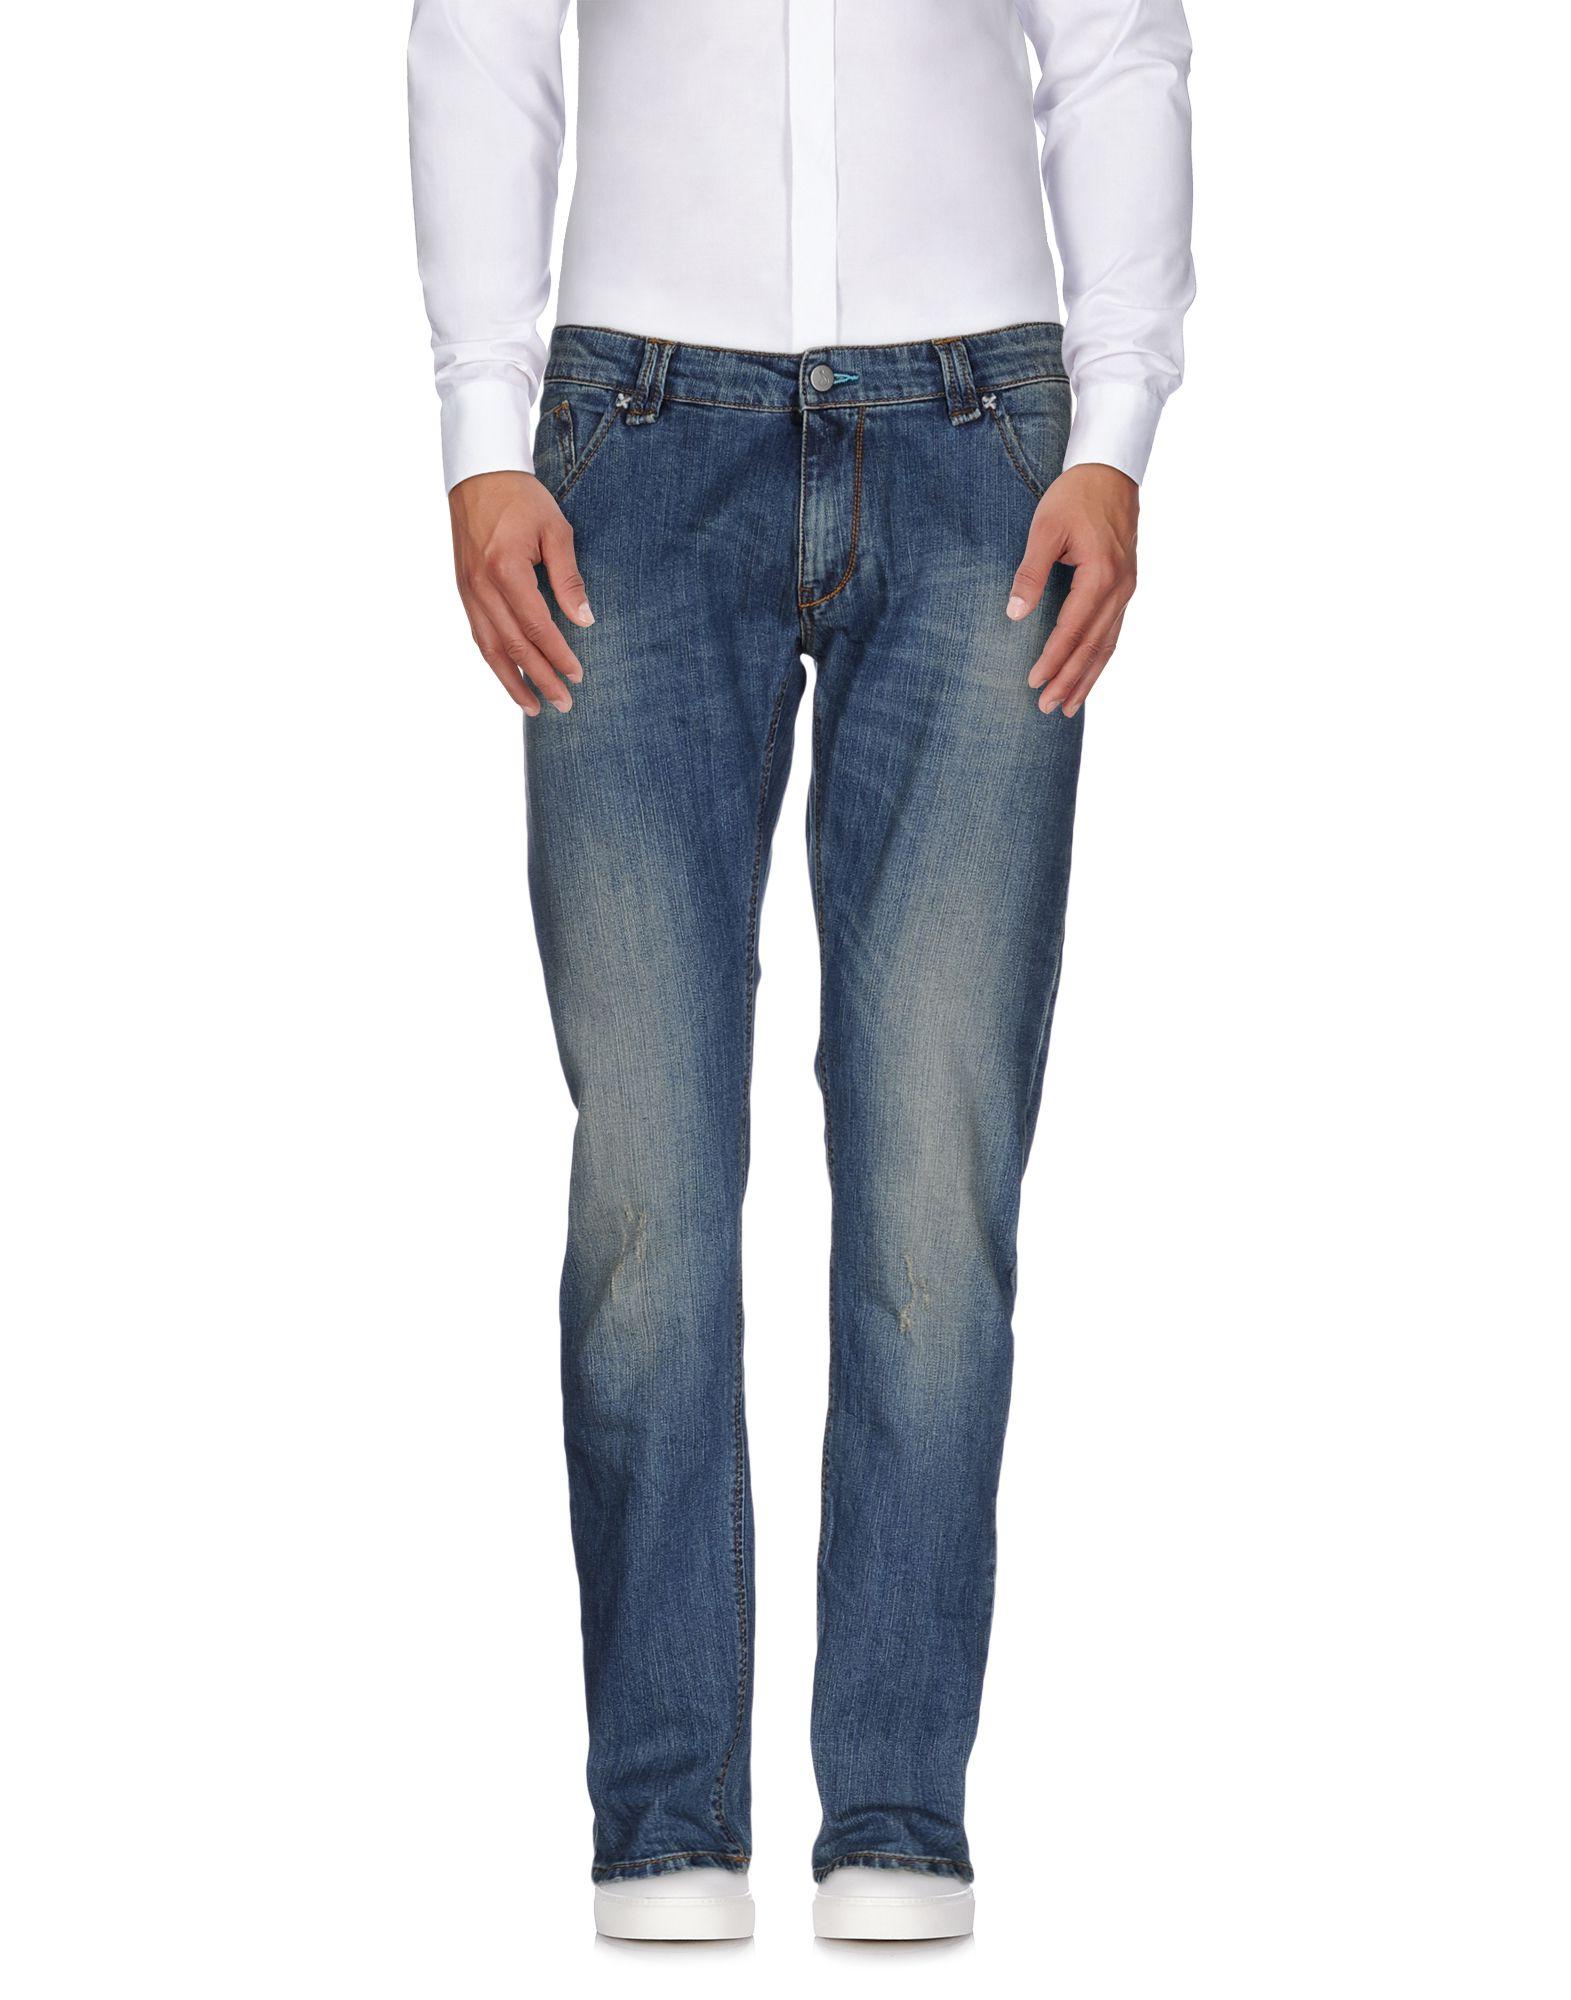 Pantaloni - Jeans Jcolor Uomo - Pantaloni 42468938NH 683925